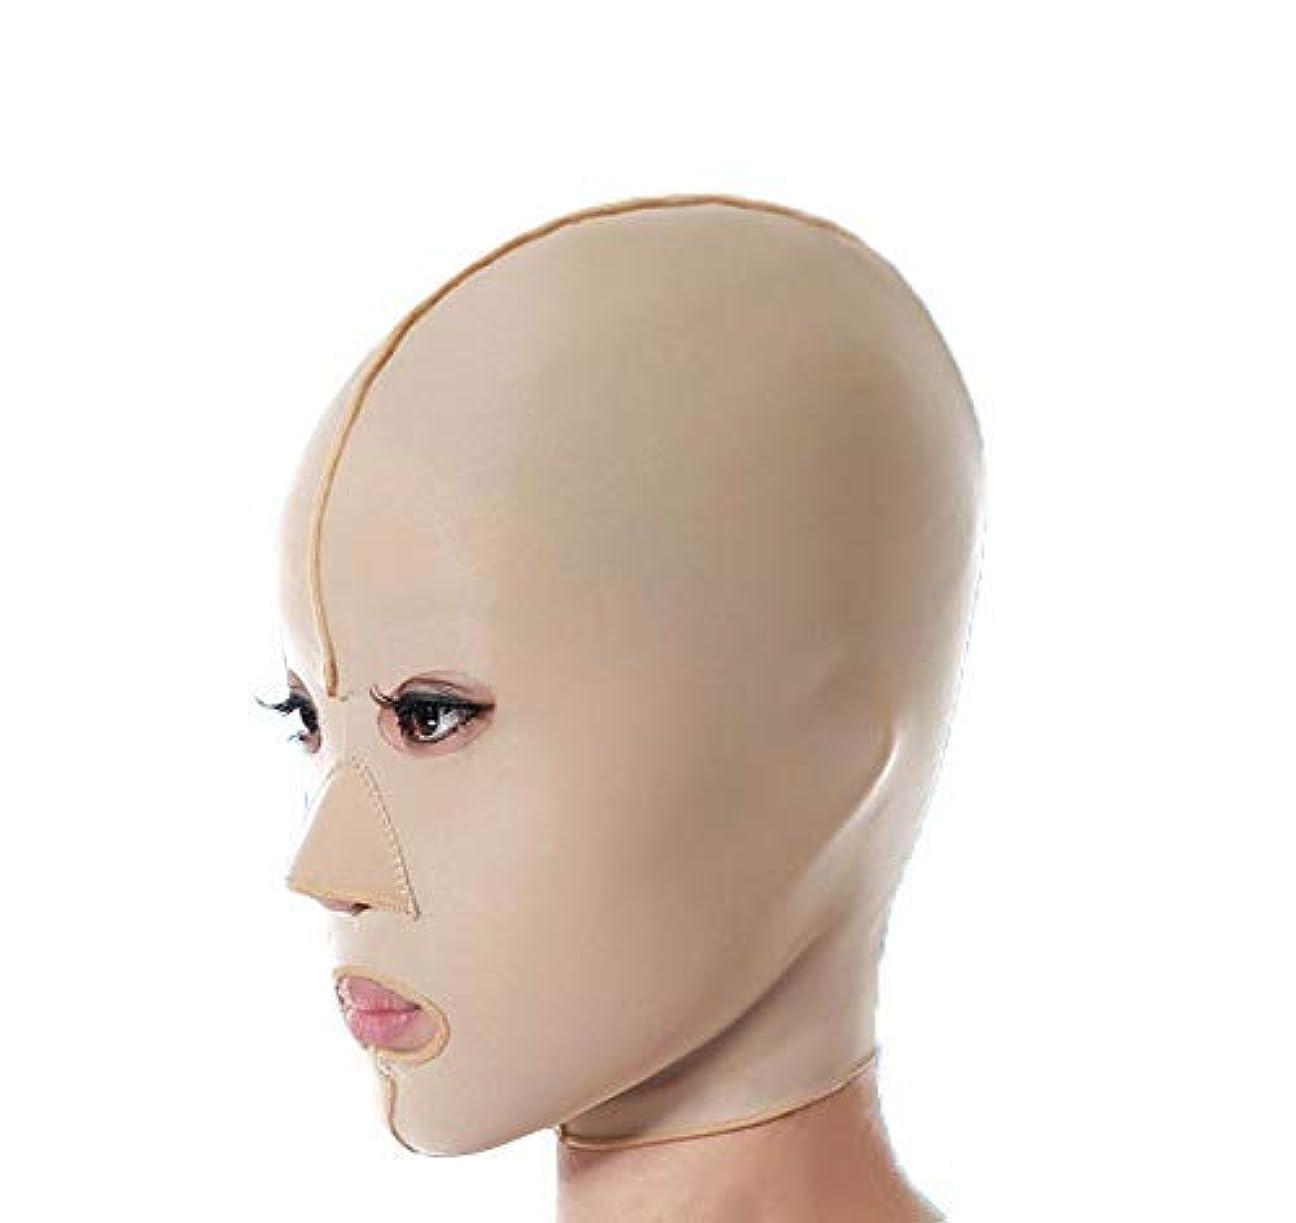 練習した組み込むボートファーミングフェイスマスク、フェイシャルマスク医学強力なフェイスマスクアーティファクト美容垂れ防止法パターンフェイシャルリフティングファーミングフルフェイスマスク(サイズ:M),Xl